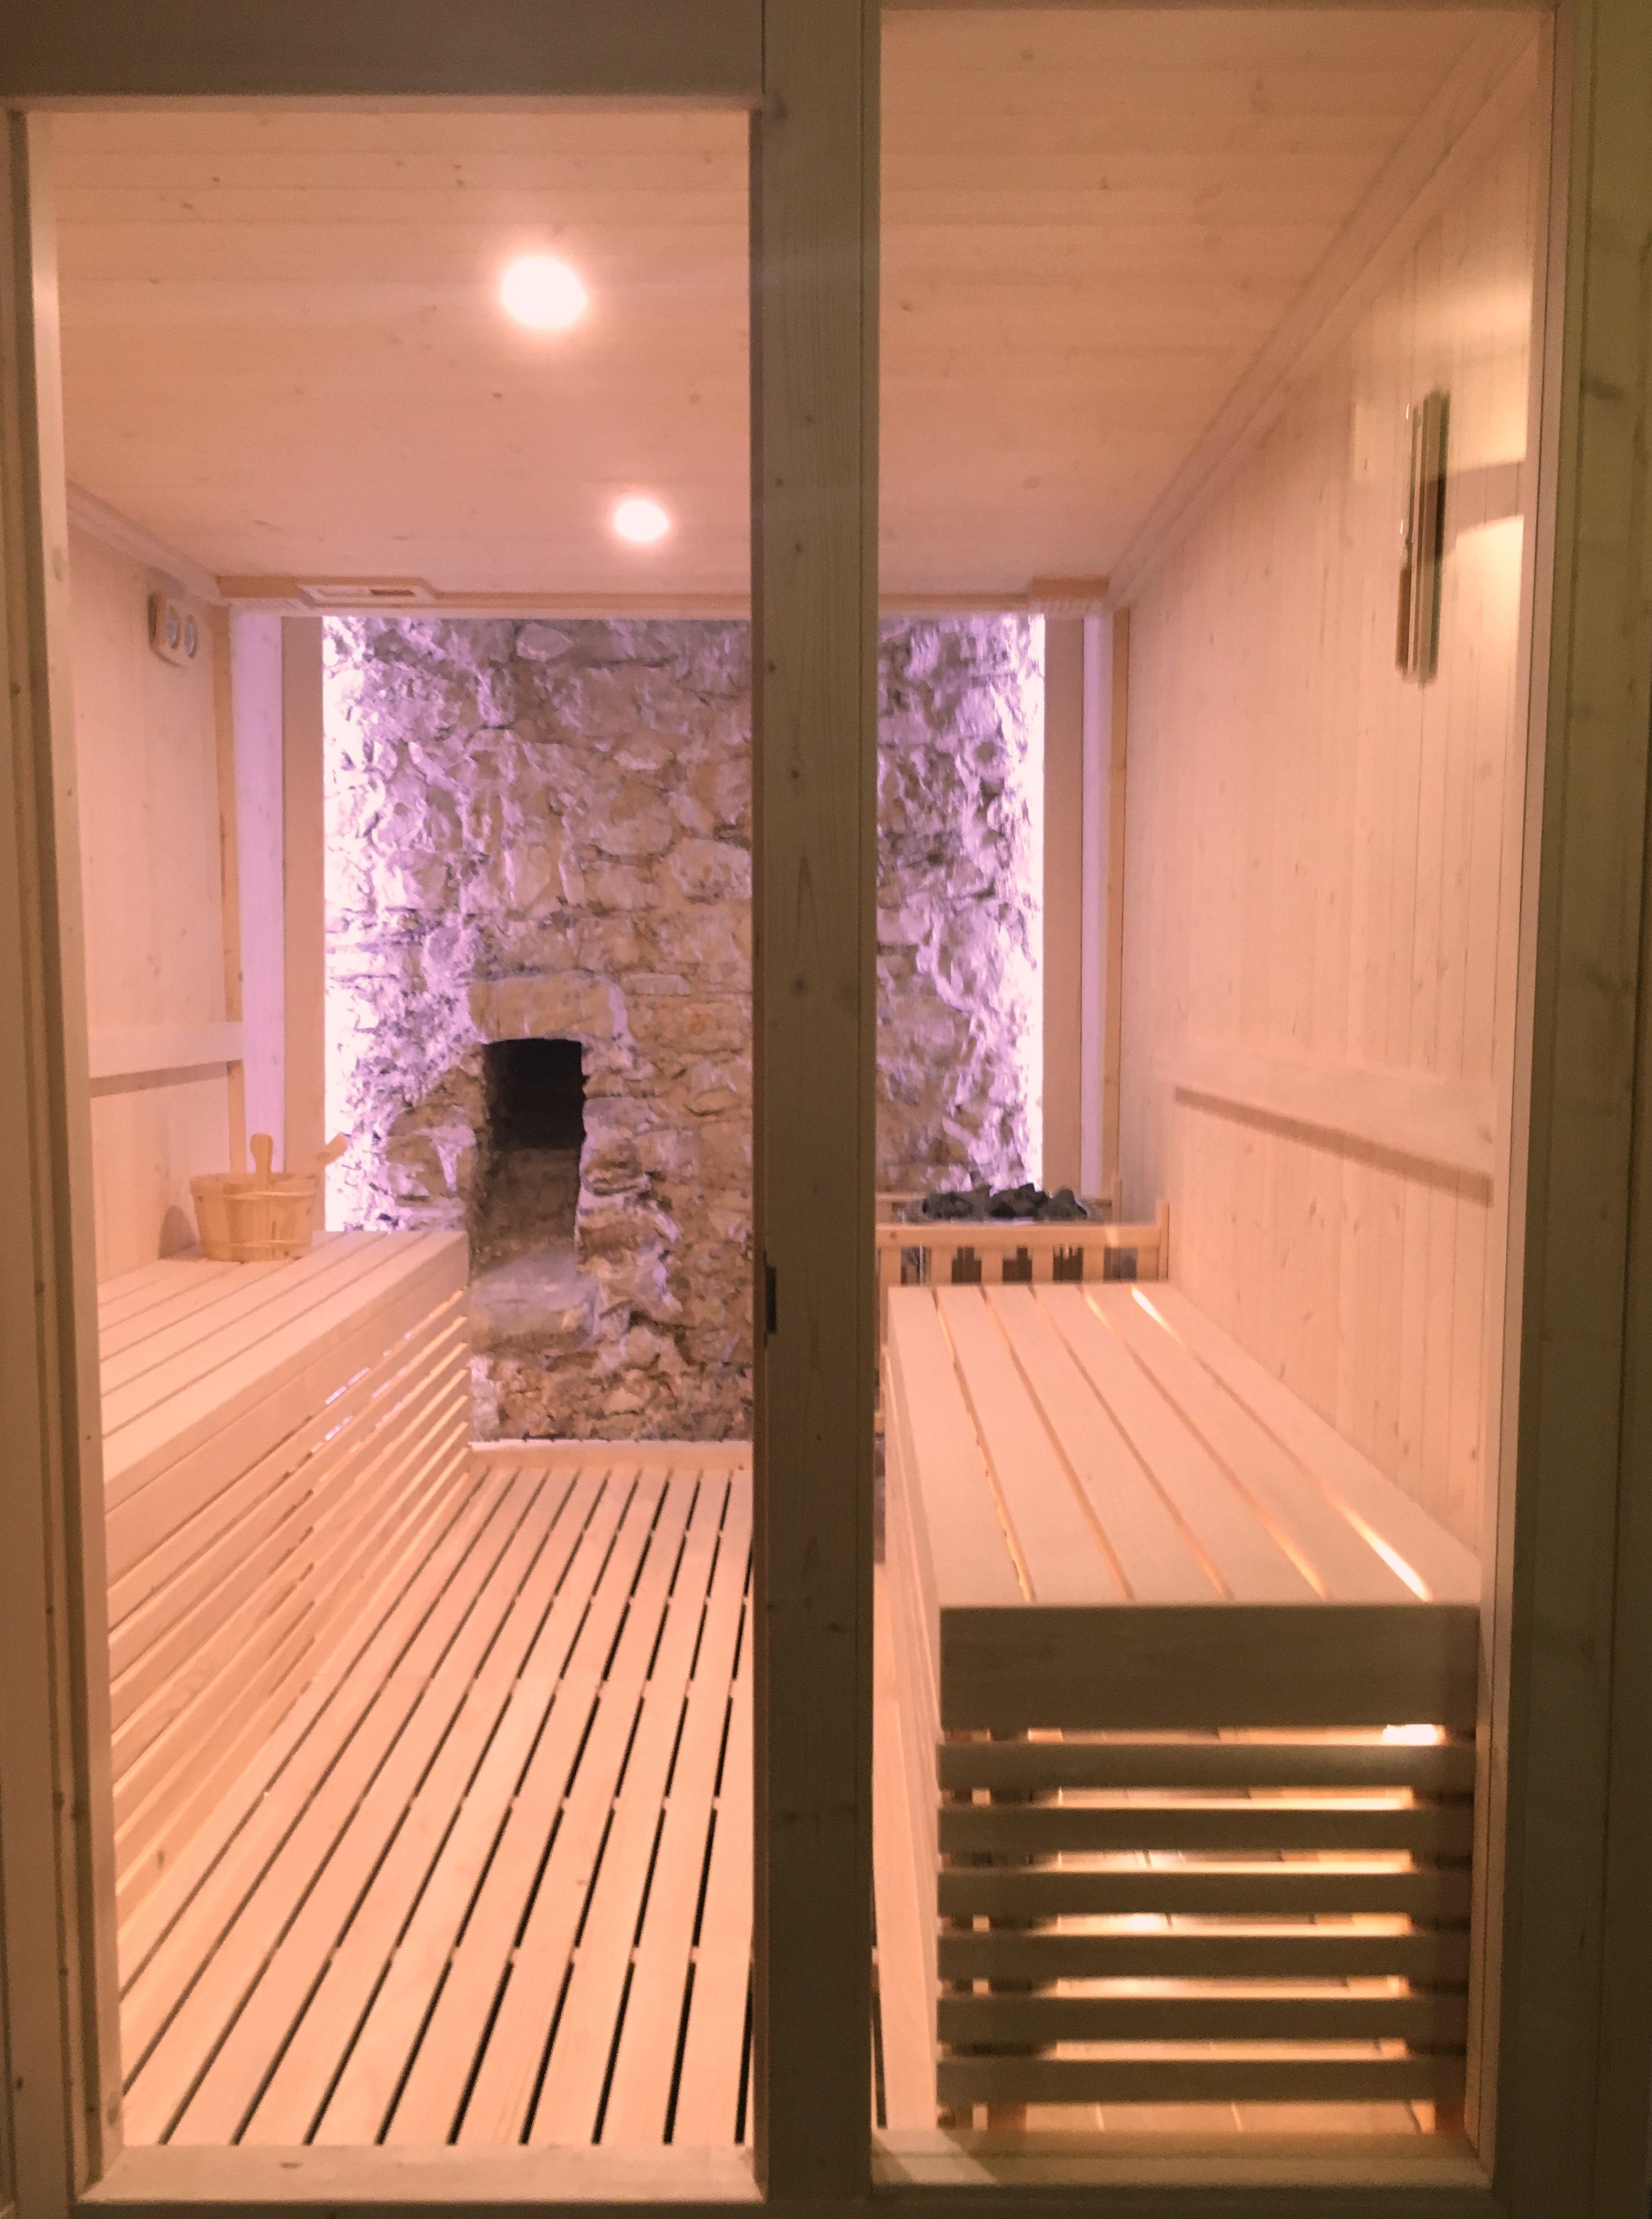 modelli sauna finlandese e sauna con bagno turco hammam in kit di montaggio. Black Bedroom Furniture Sets. Home Design Ideas